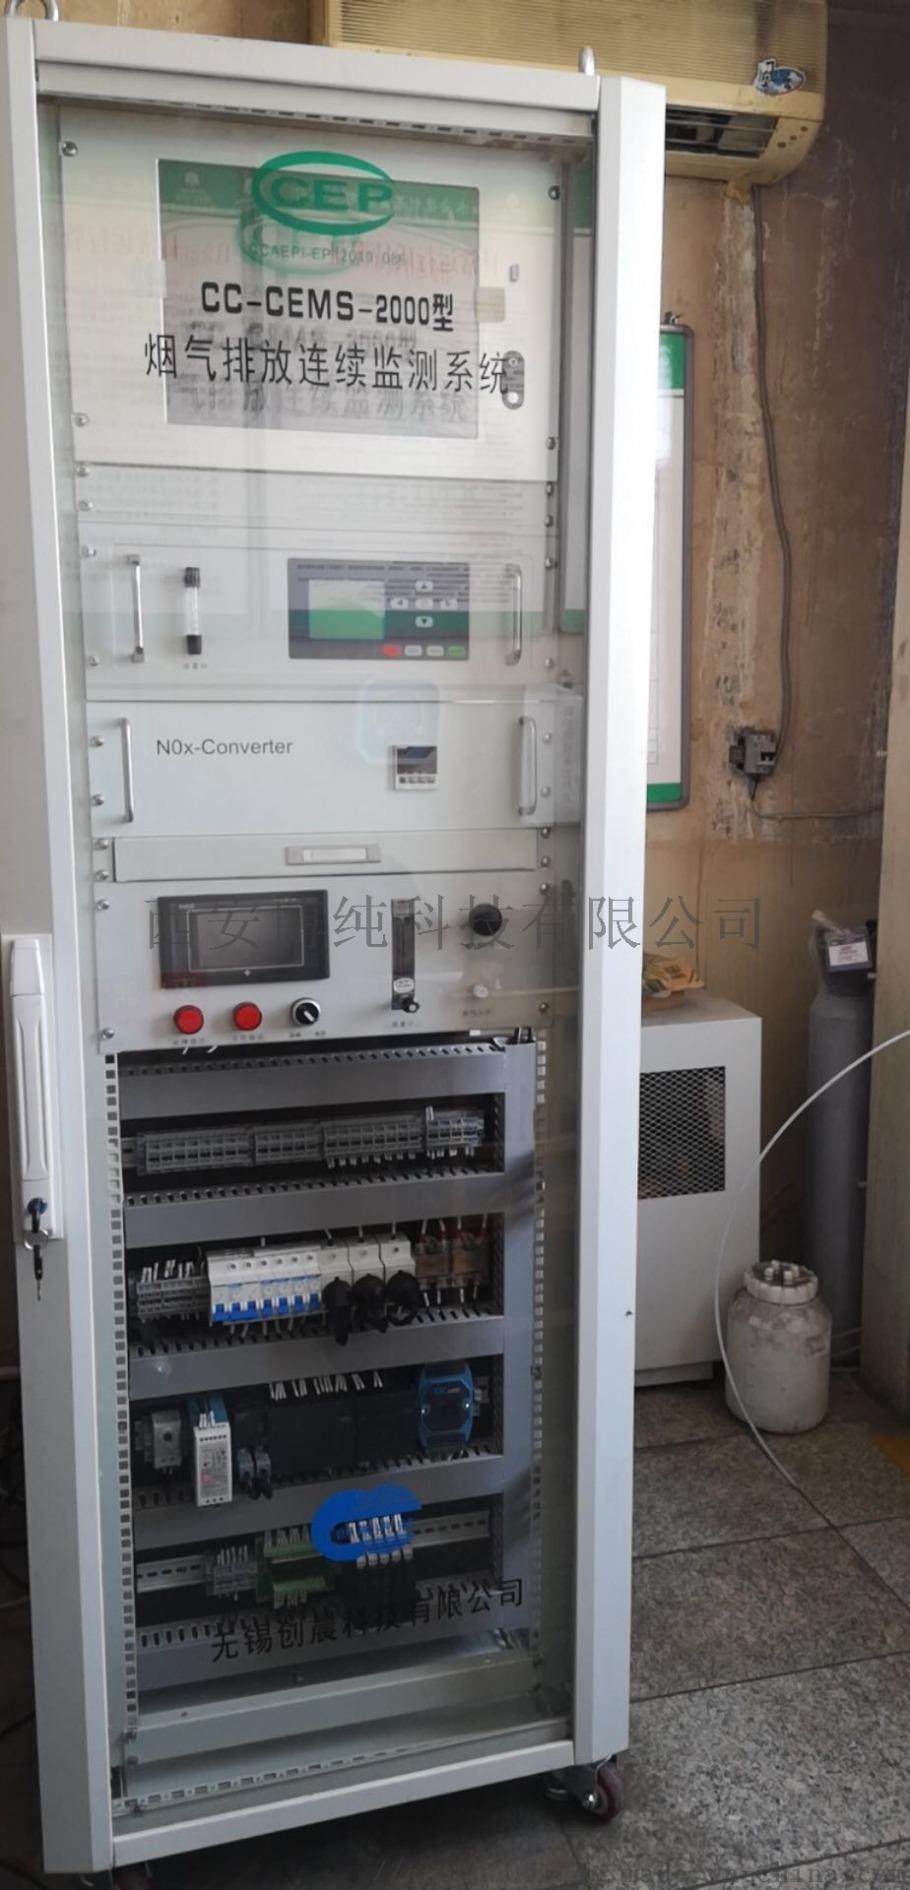 超低煙氣CEMS煙氣在線監測系統 在線監測廠家846733882